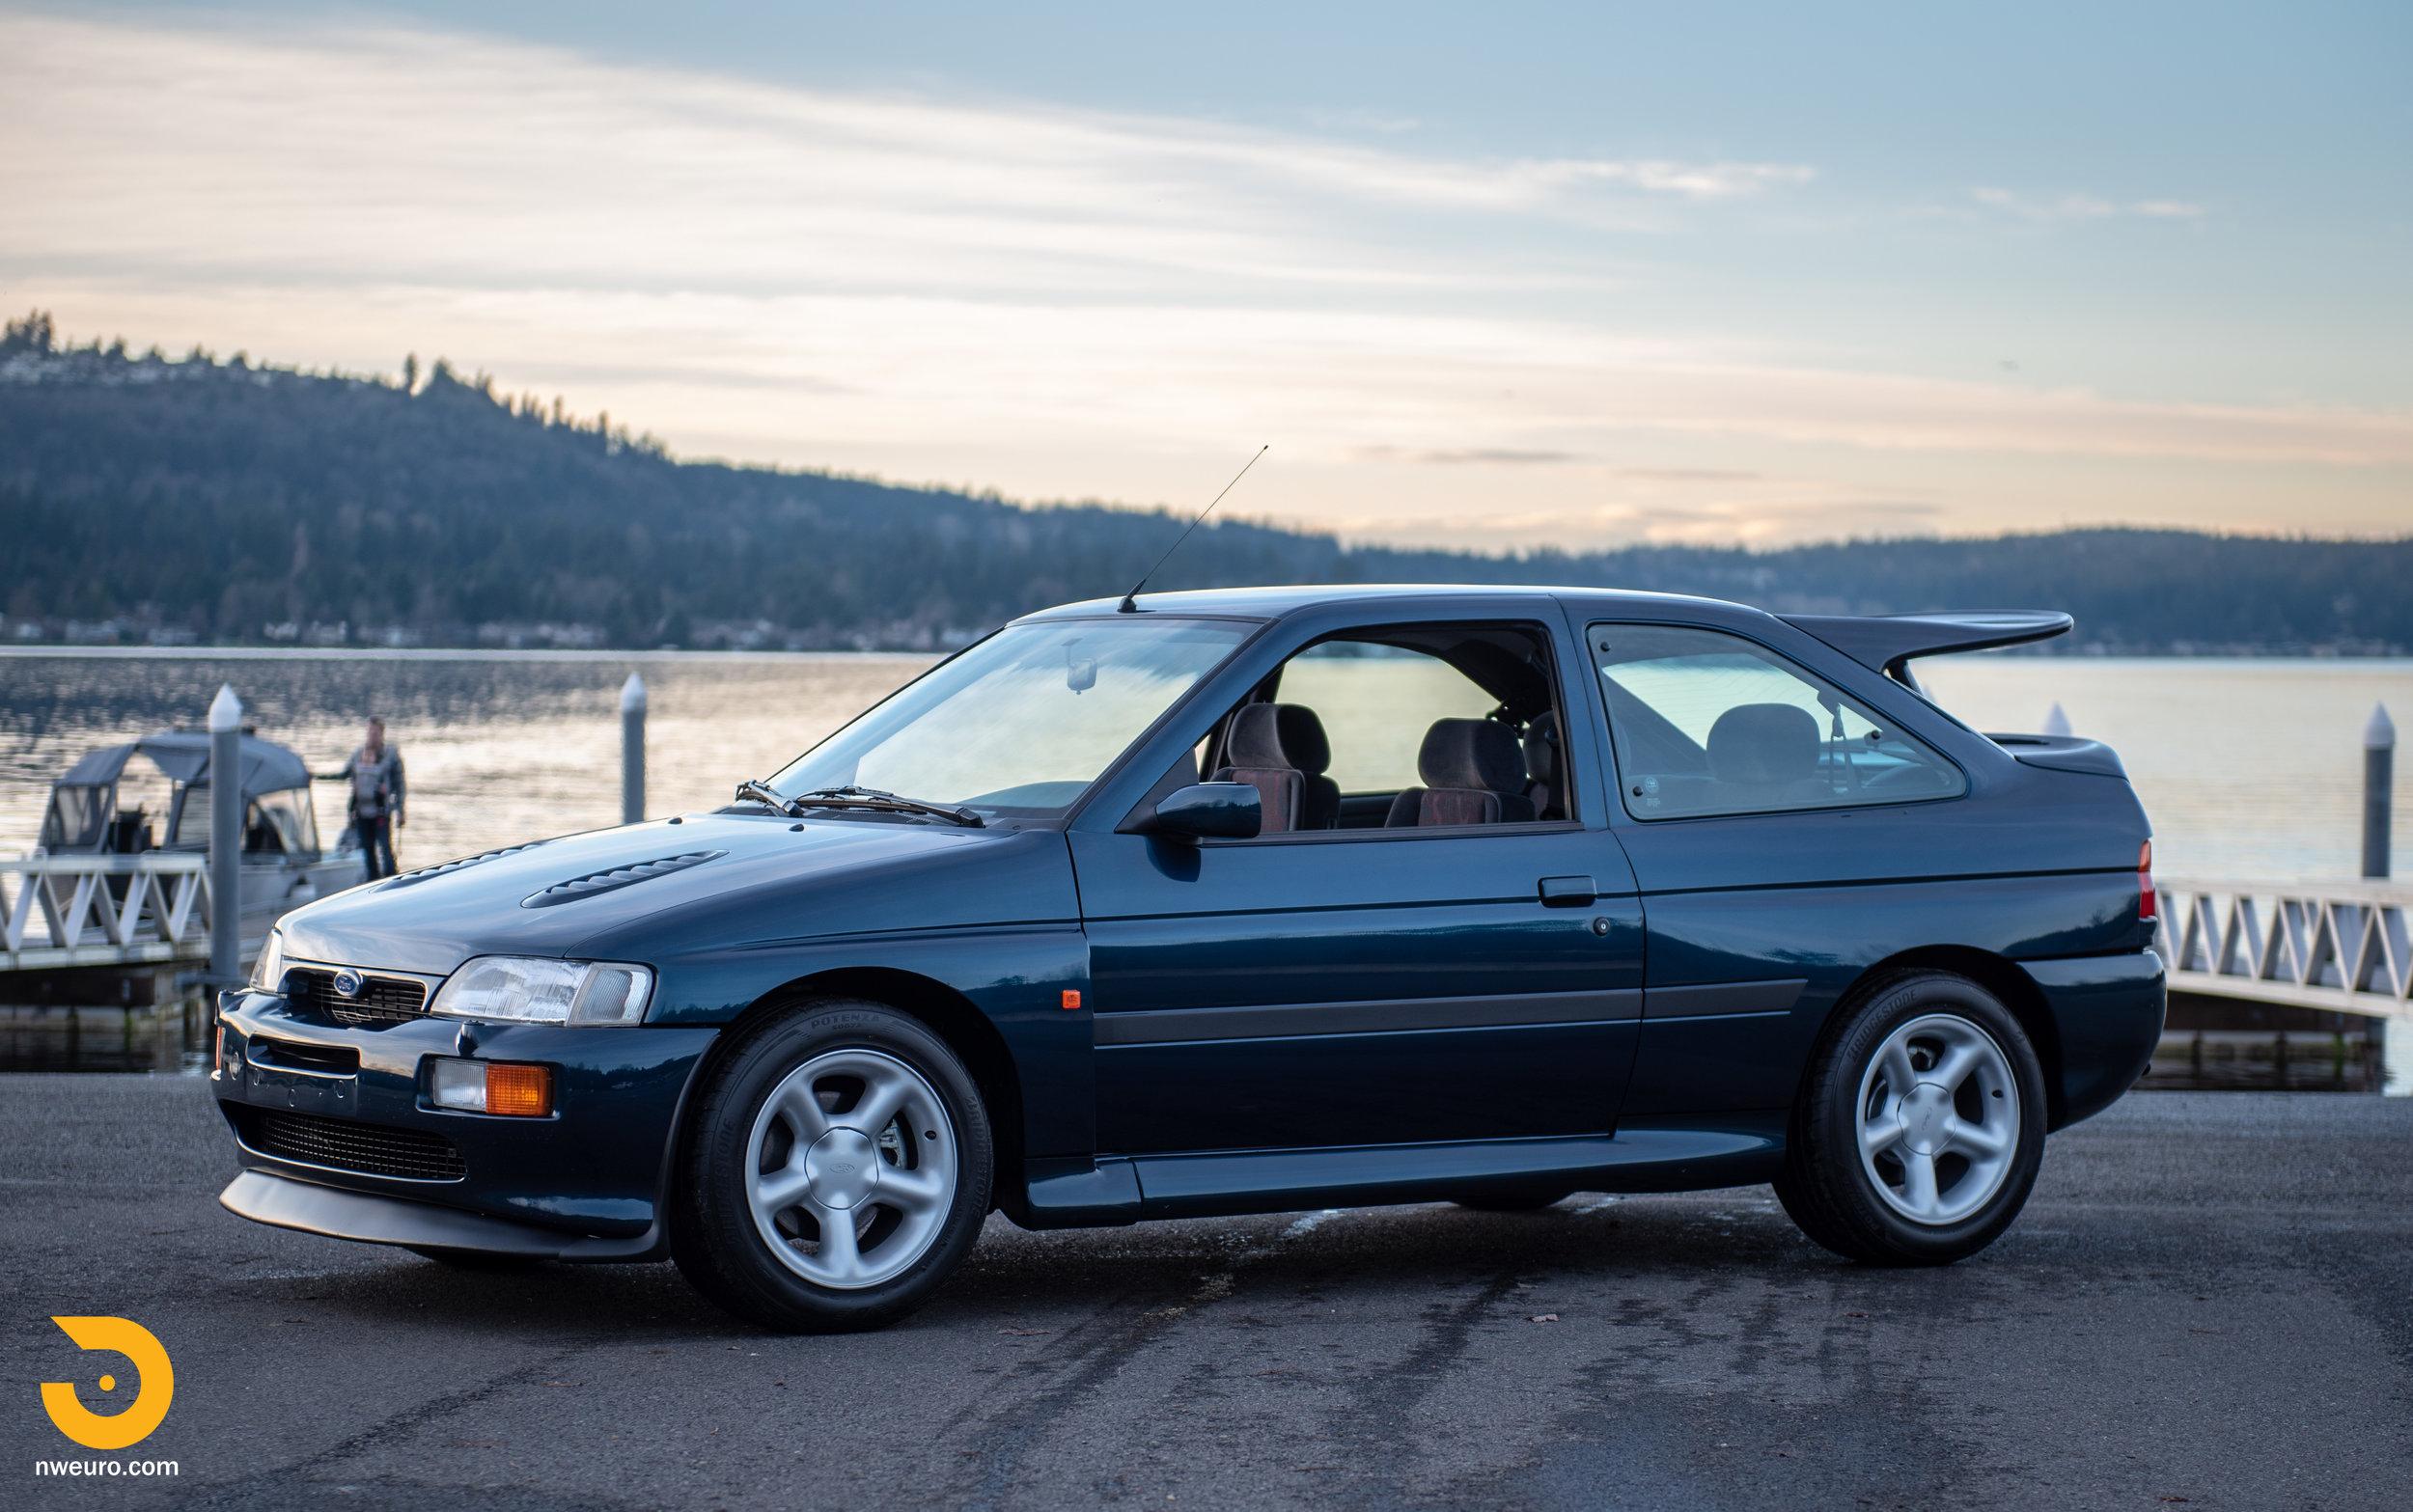 1995 Ford Escort Cosworth - Petrol Blue-73.jpg